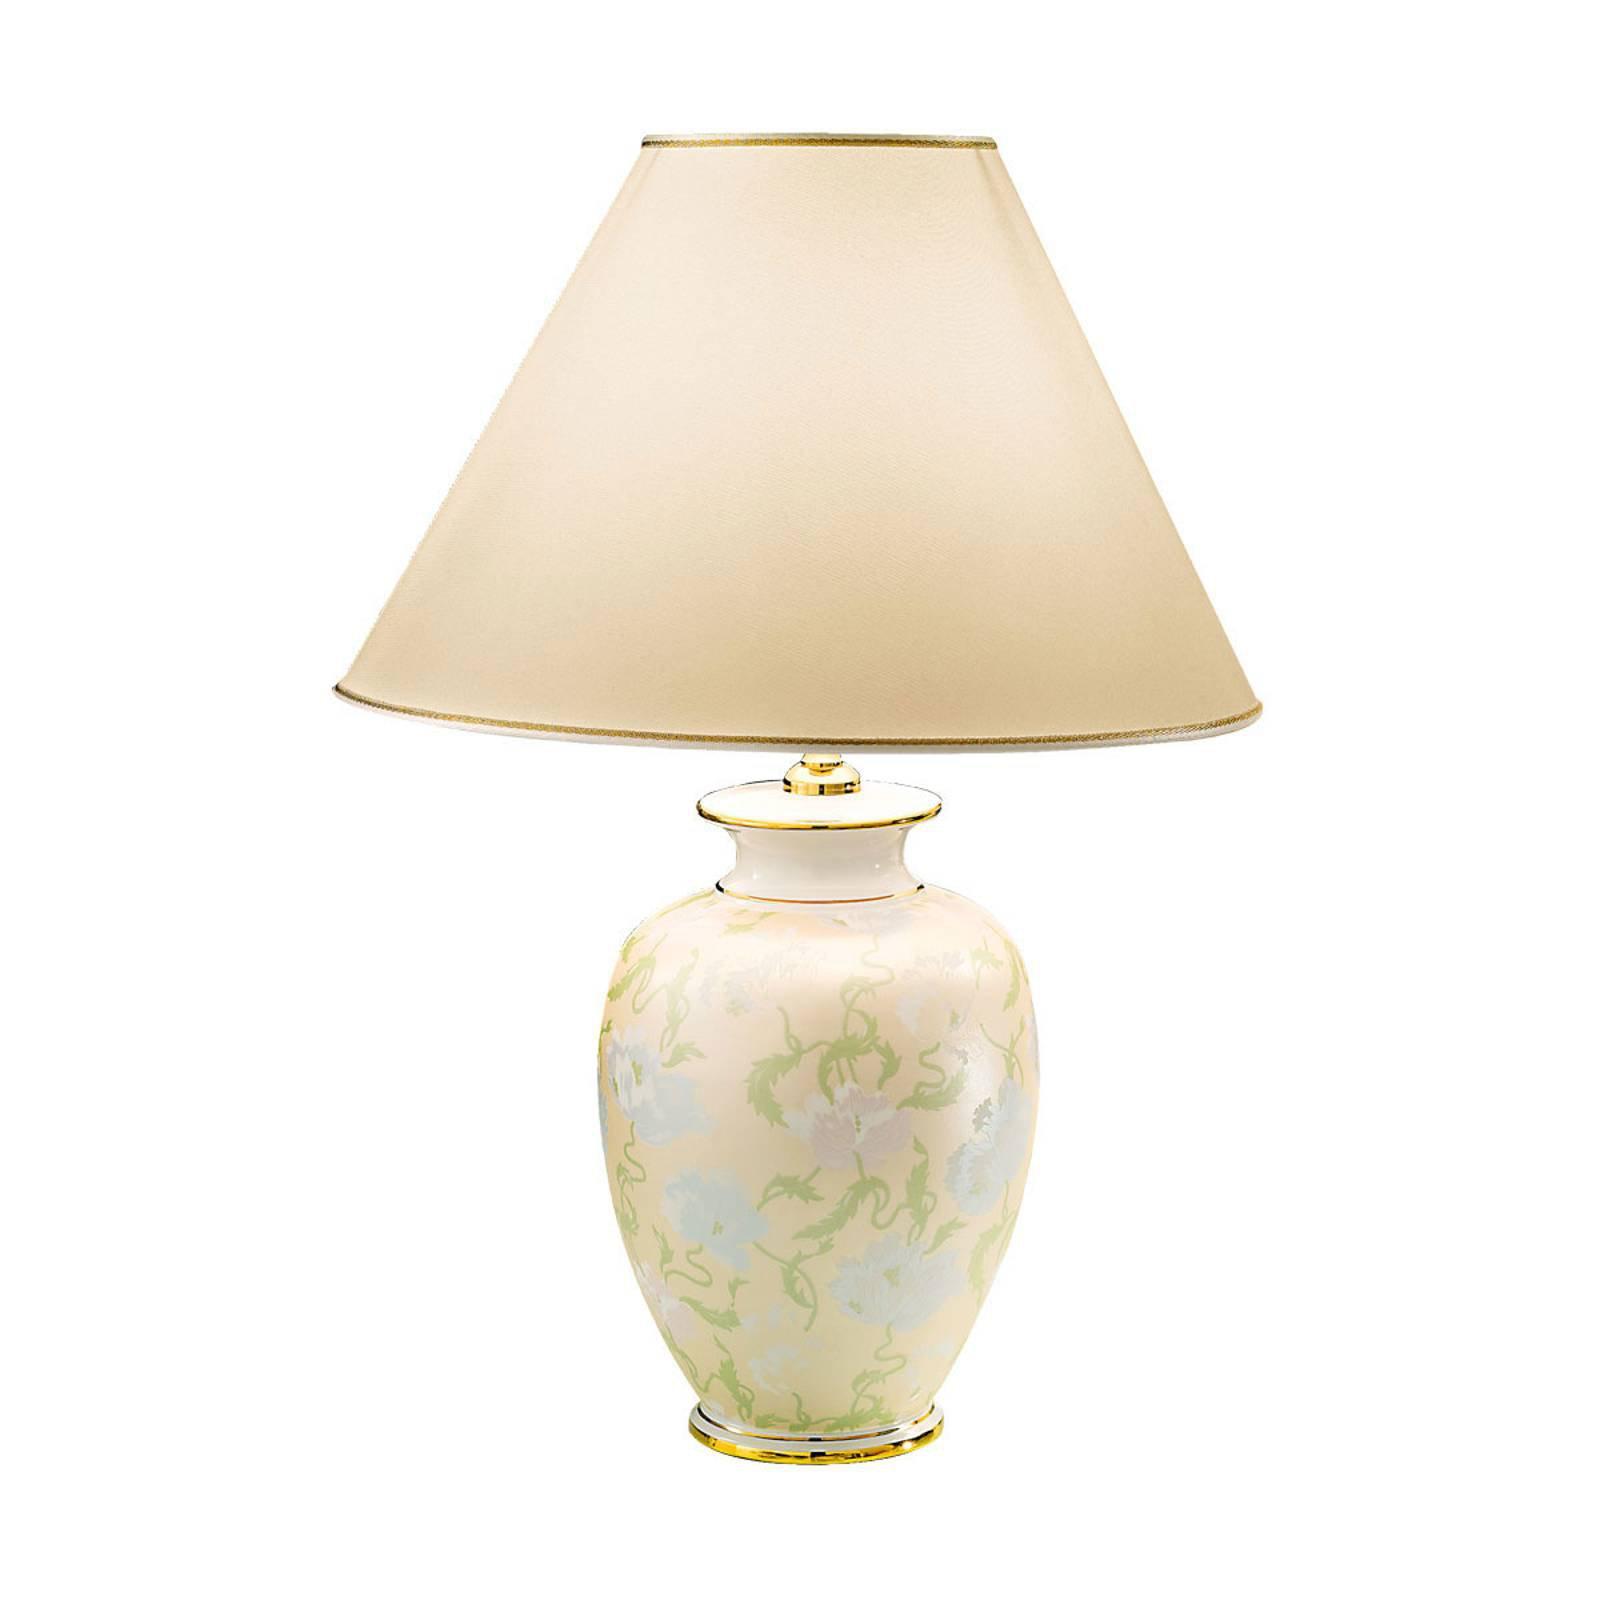 Bordlampe Giardino Perla, håndmalt, Ø 40 cm